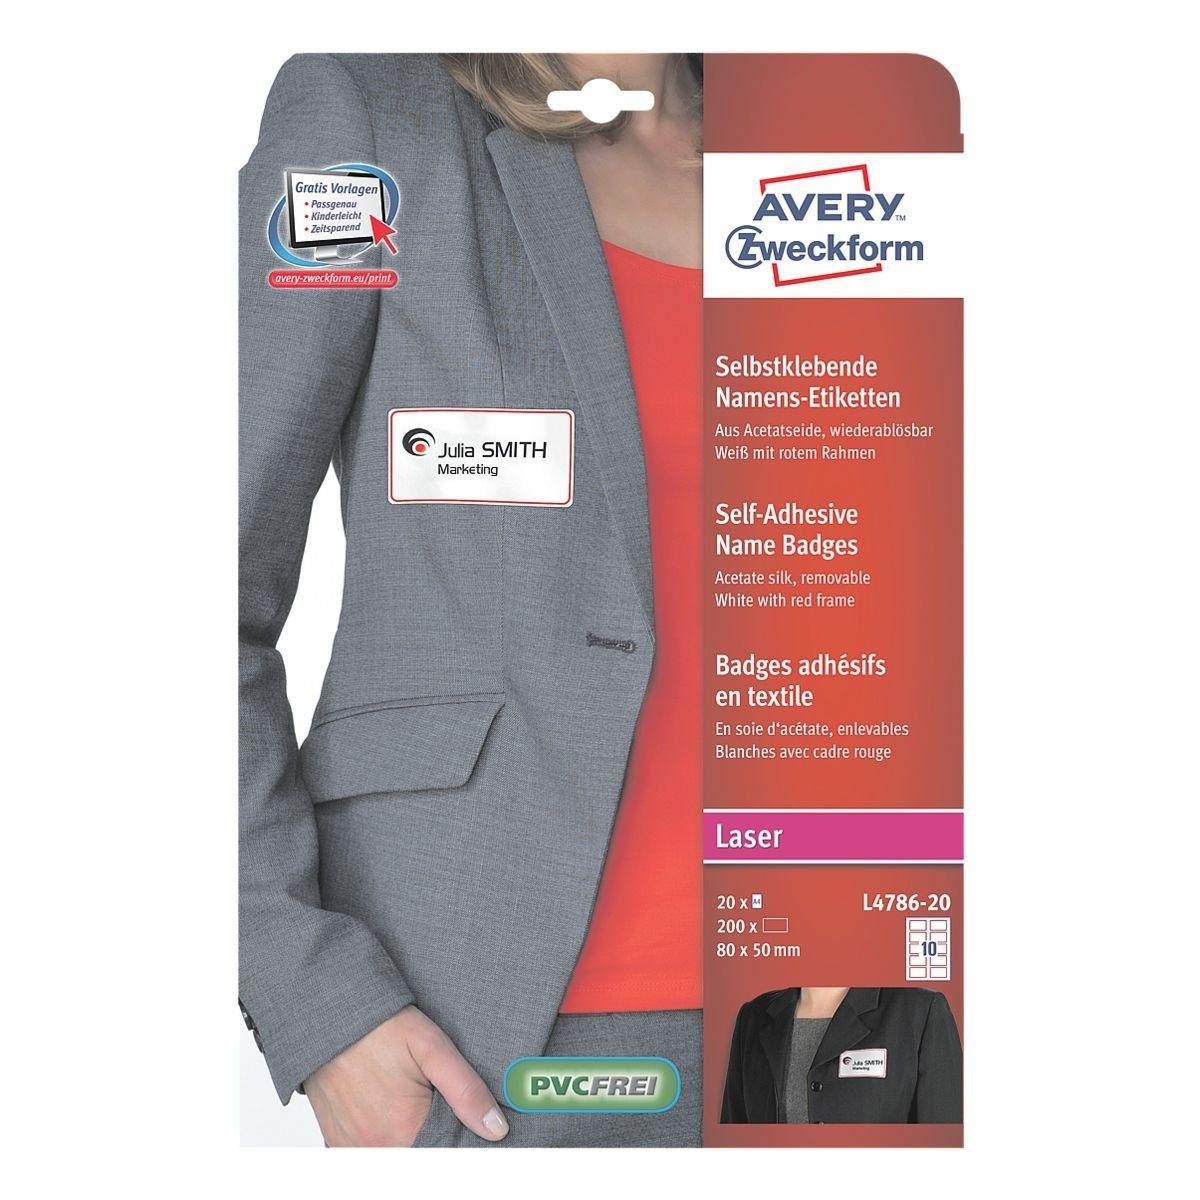 Avery Zweckform Selbstklebe-Namensschilder 80x50 mm weiß-rot L4786-20